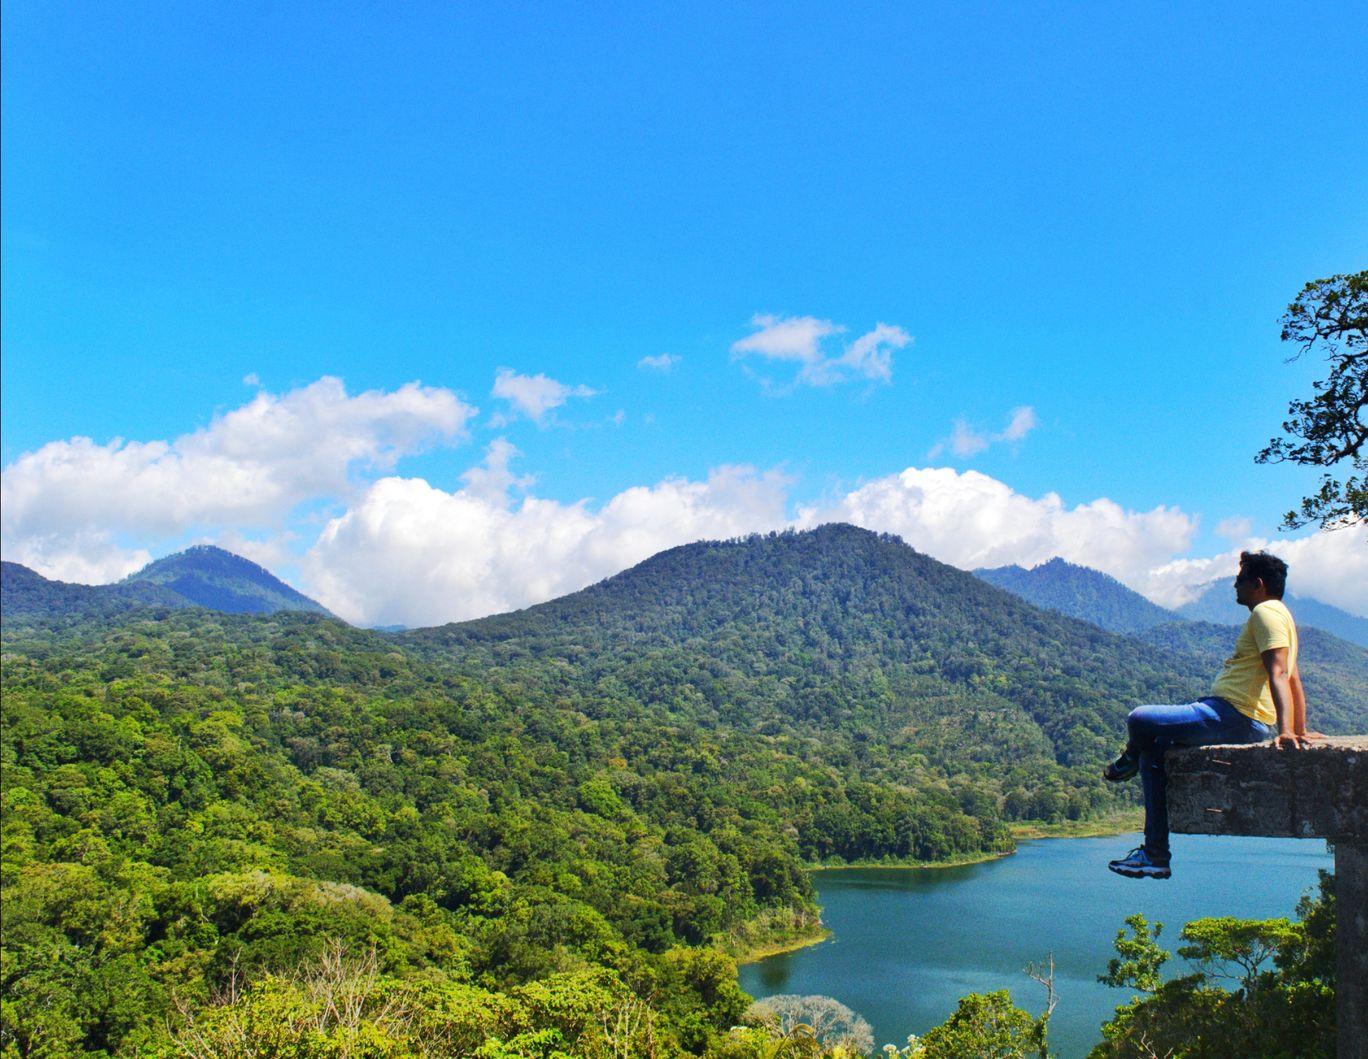 Photo of Bali Twin Lake Trekking Point By Parimal Joshi